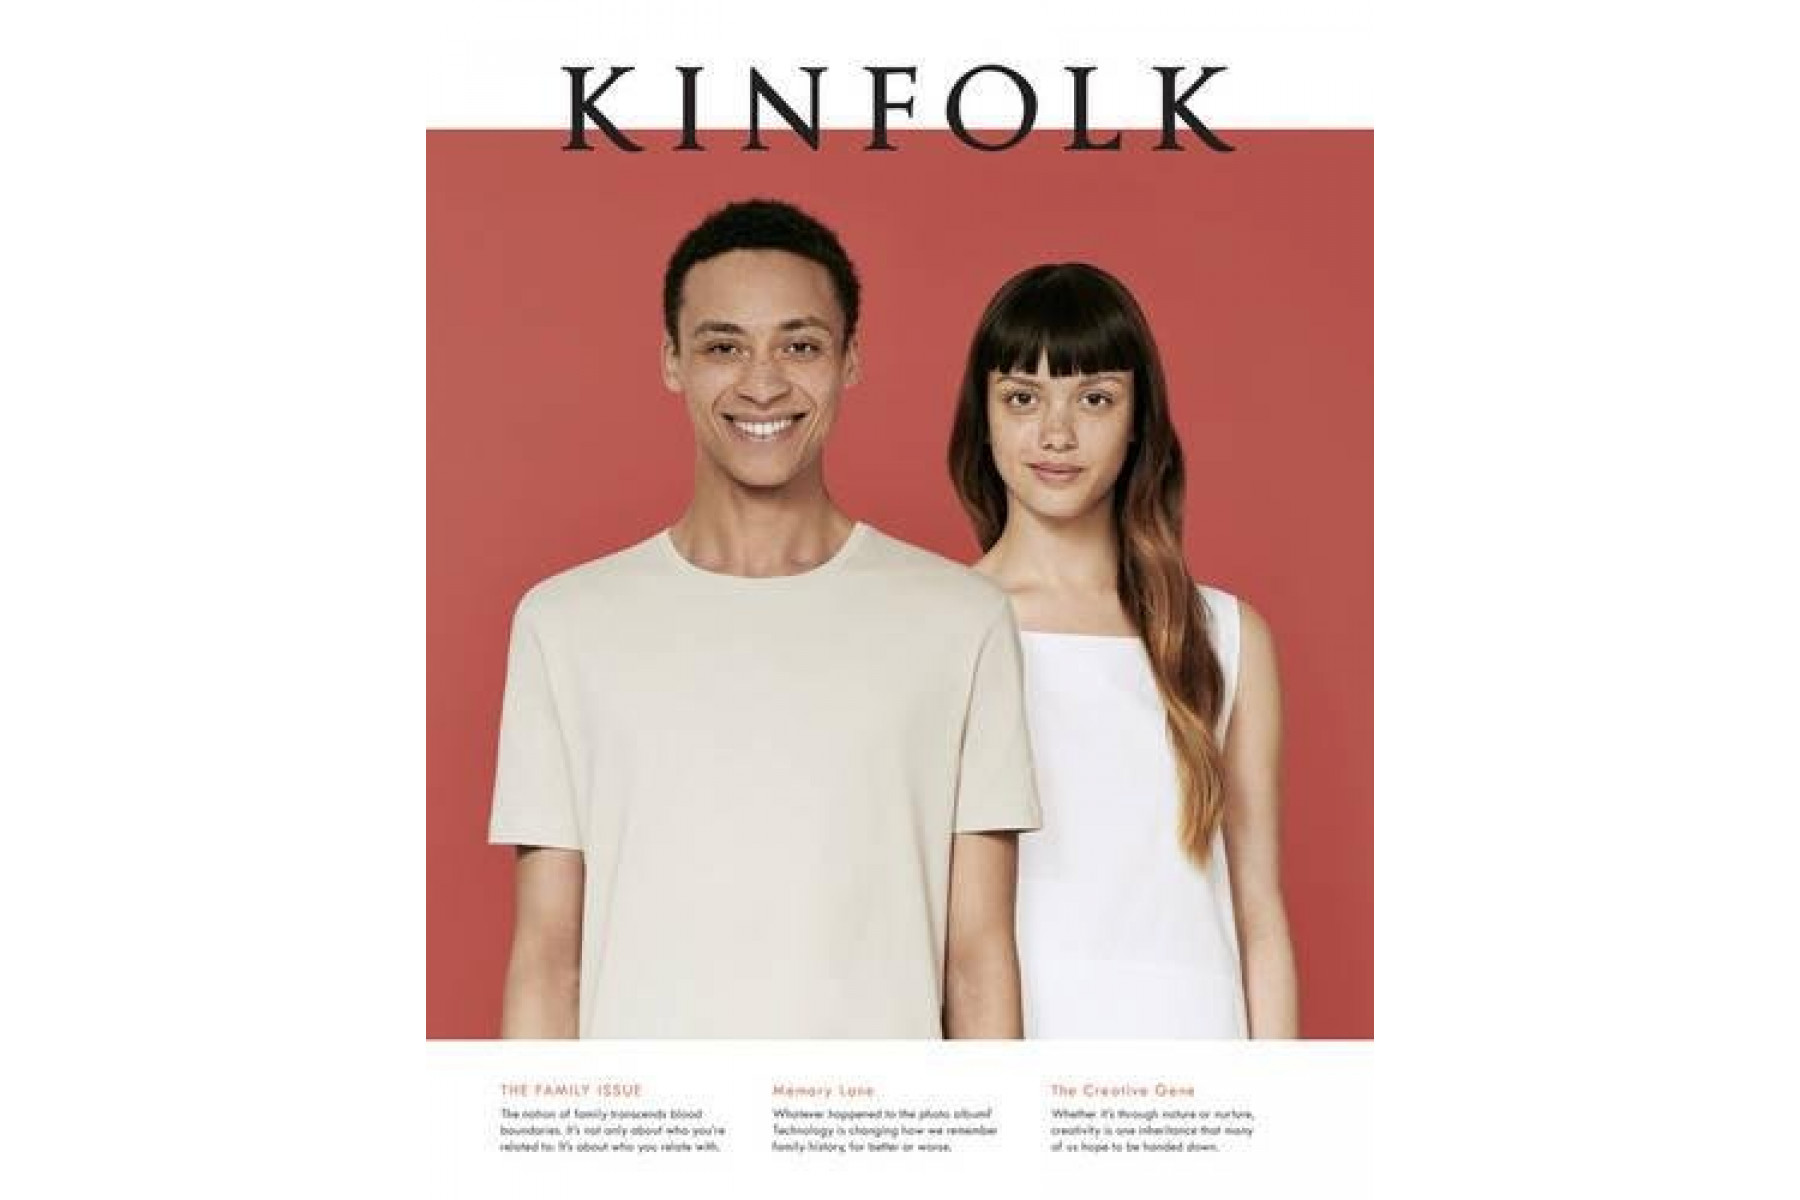 Kinfolk Volume 17: The Family Issue